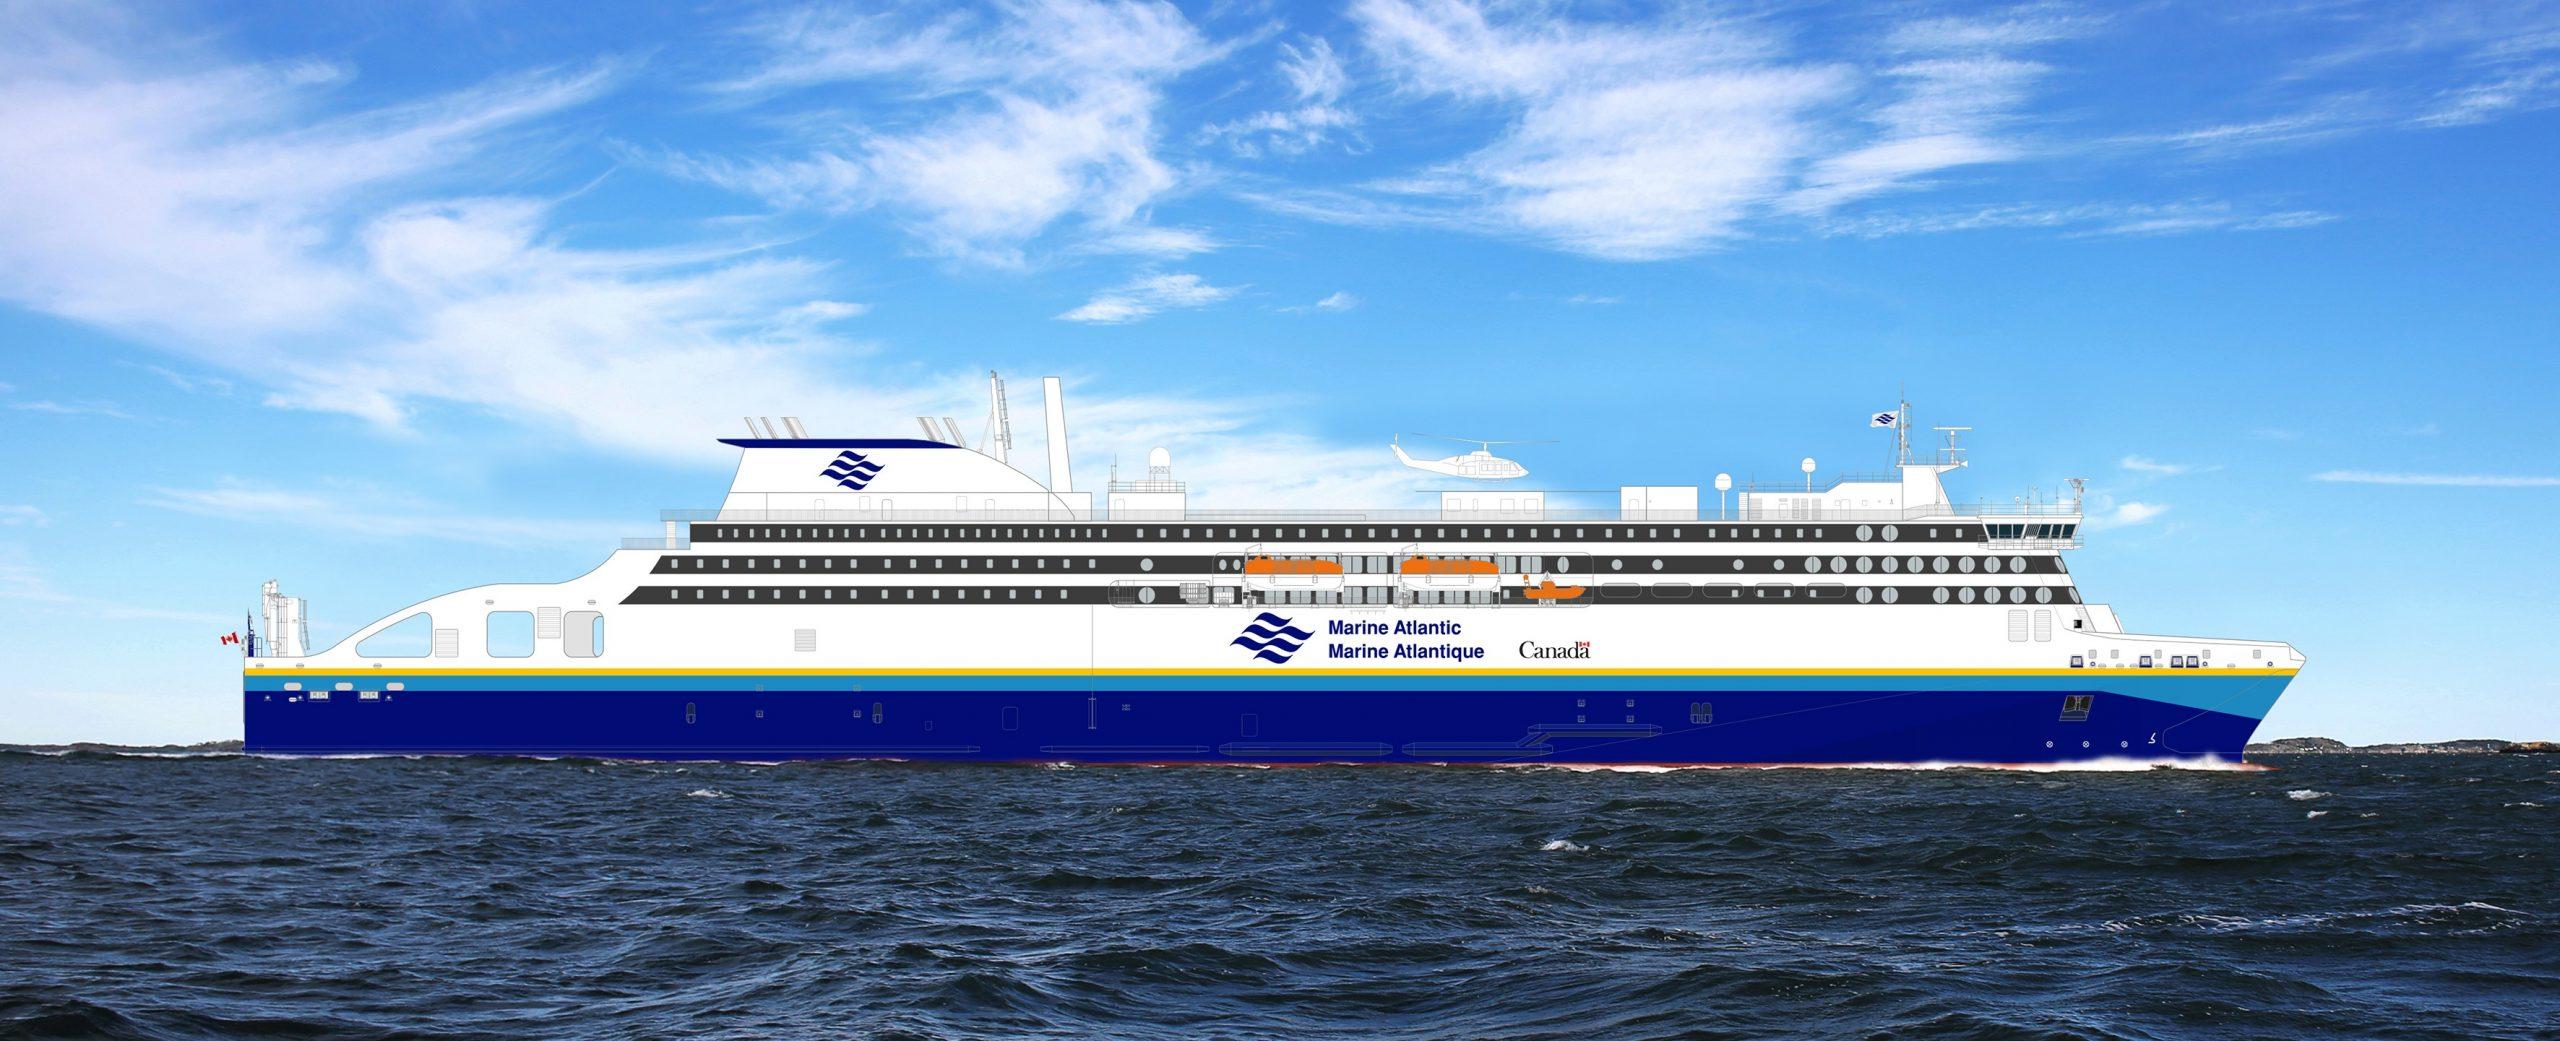 Stena RoRo's E-Flexer for Marine Atlantic (credit Stena RoRo)